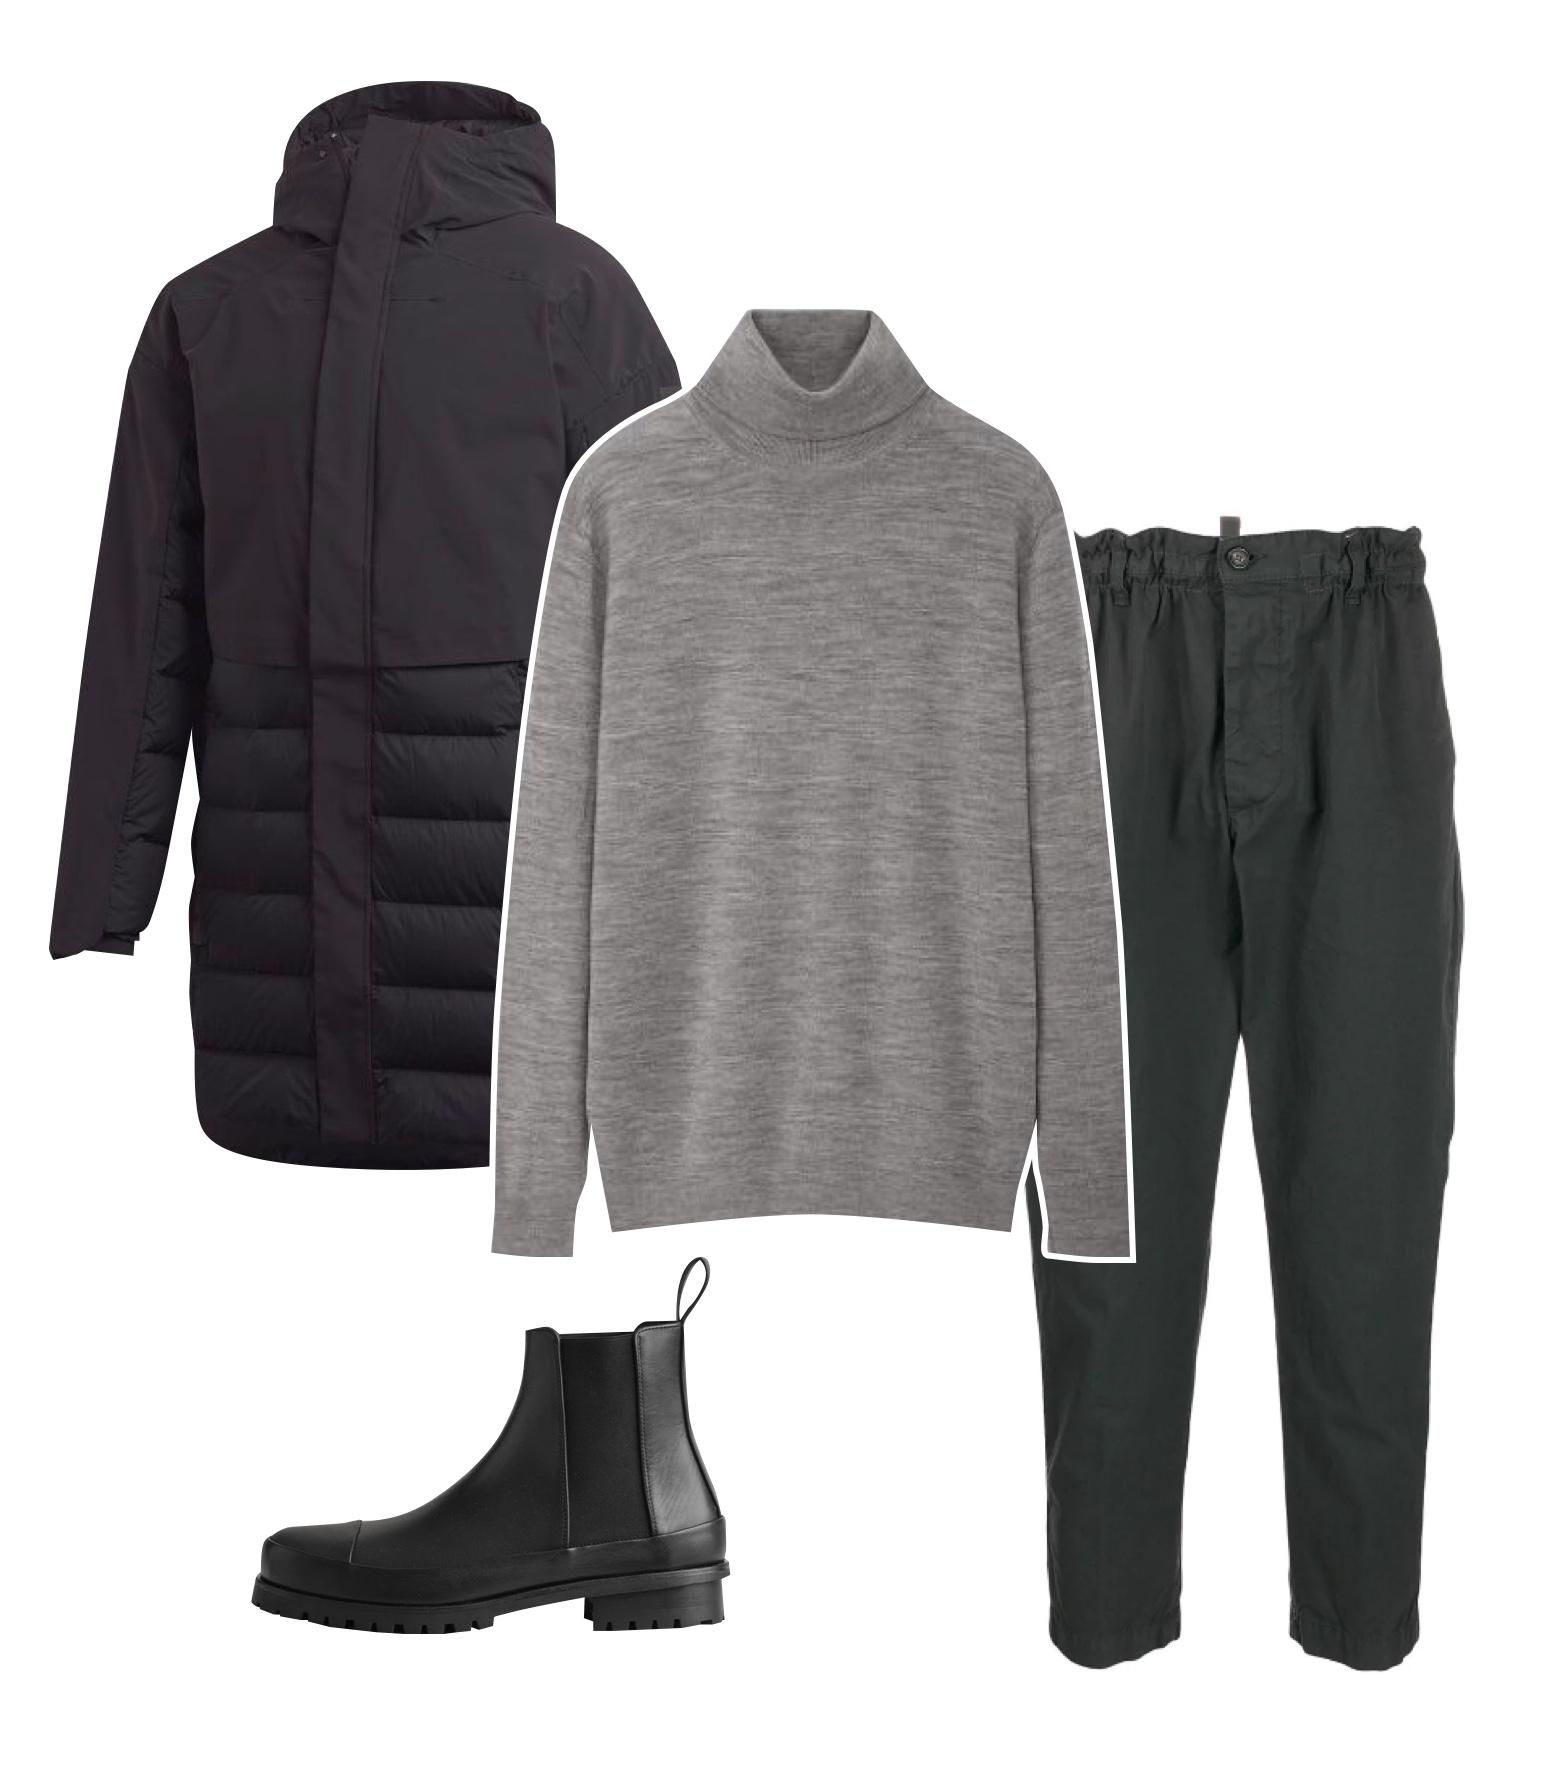 Куртка adidas, 23999 рублей; водолазка Uniqlo, 2999 рублей; штаны Dsquared2, 23823 рублей; челси COS, €175